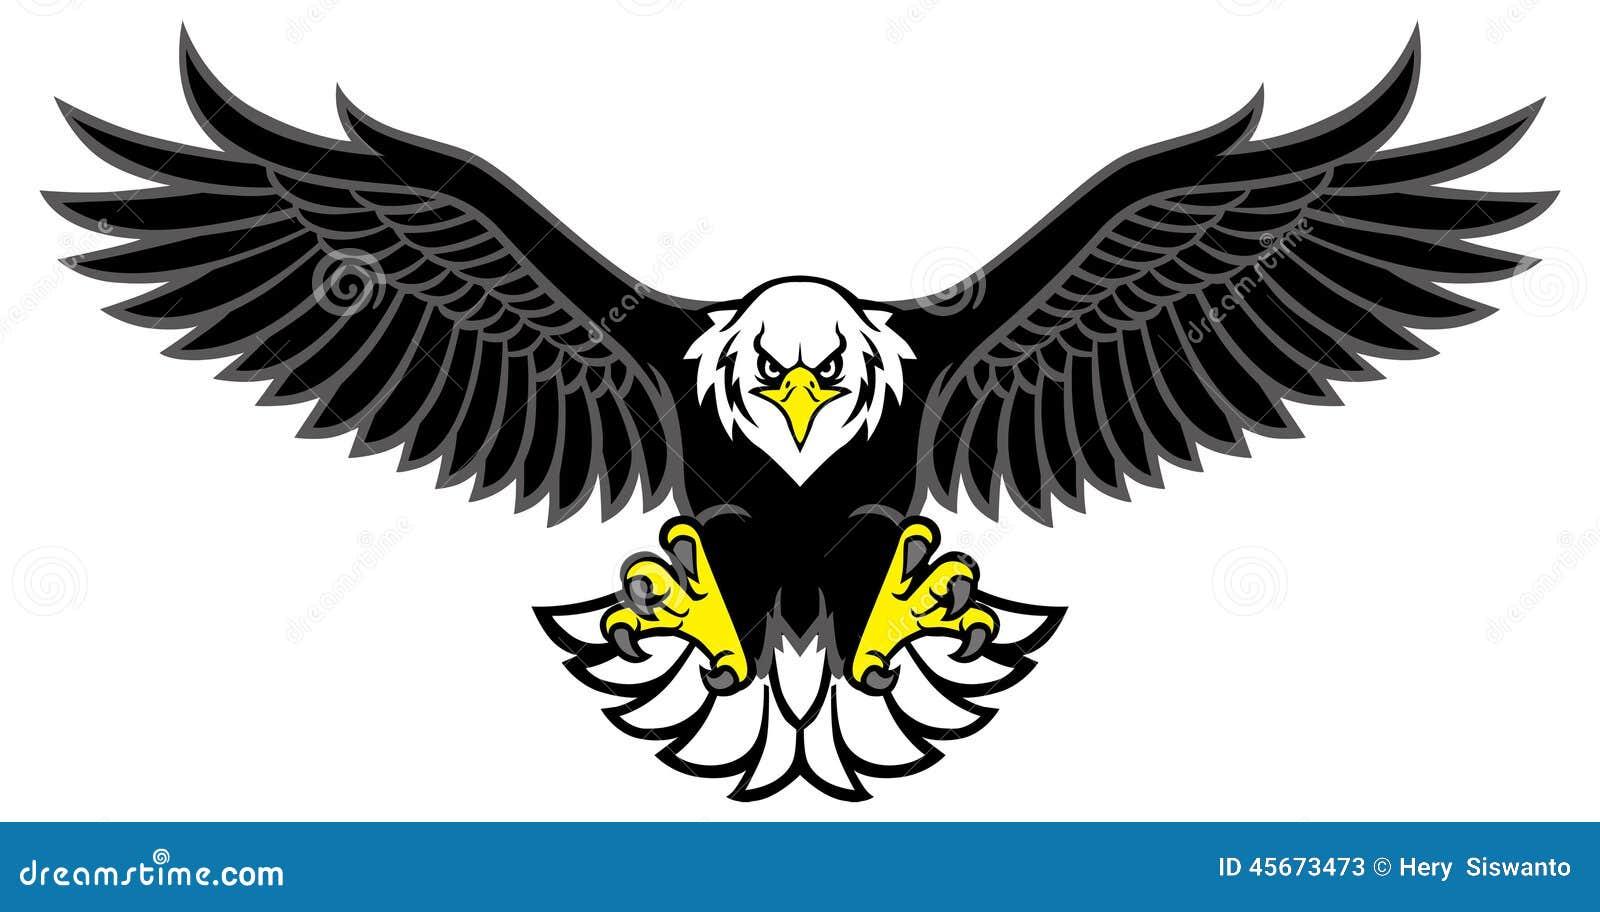 Талисман орла распространил крыла